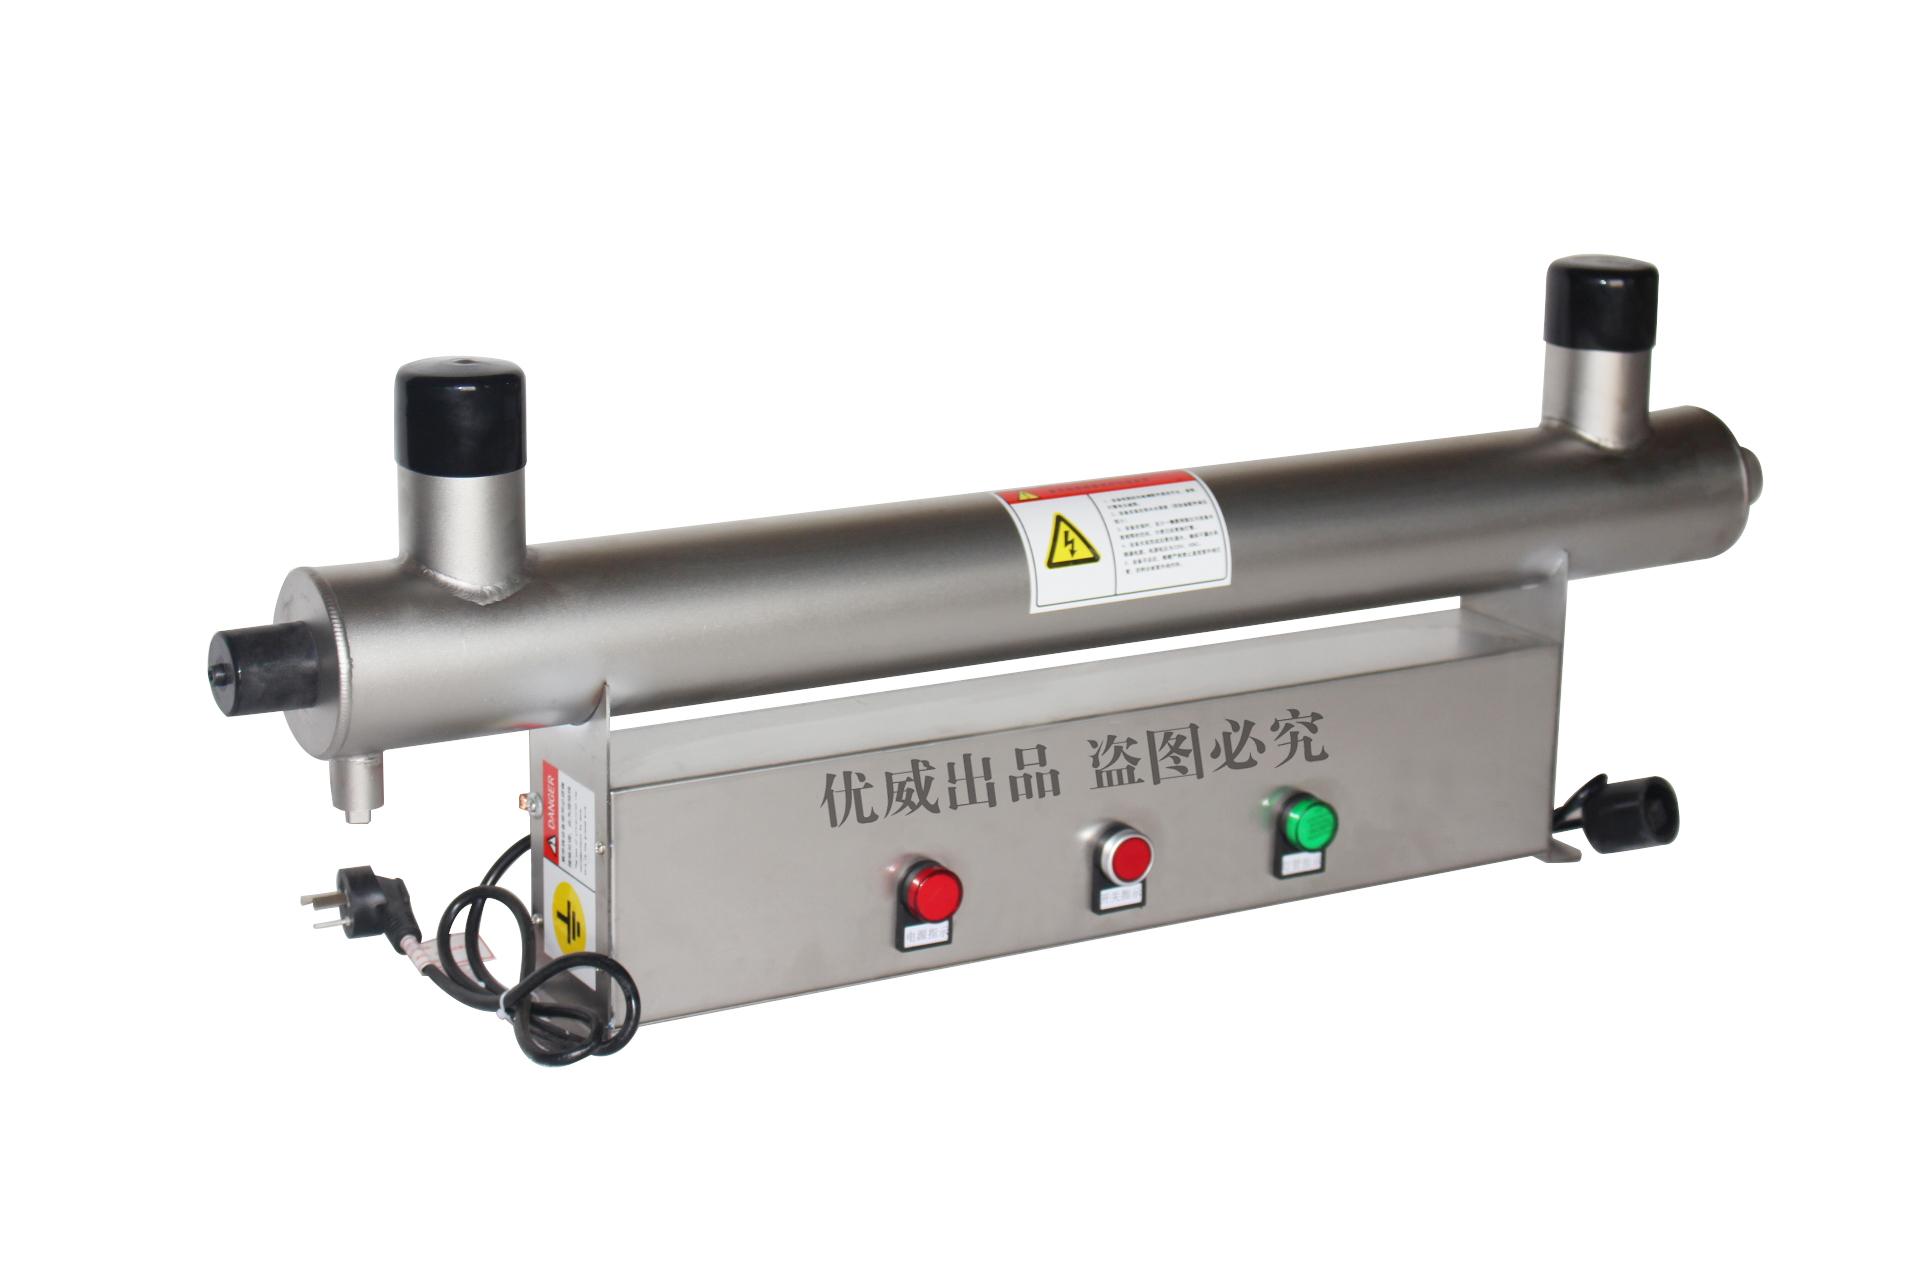 紫外线消毒器 紫外线杀菌器UV-UVC-80(900*89)